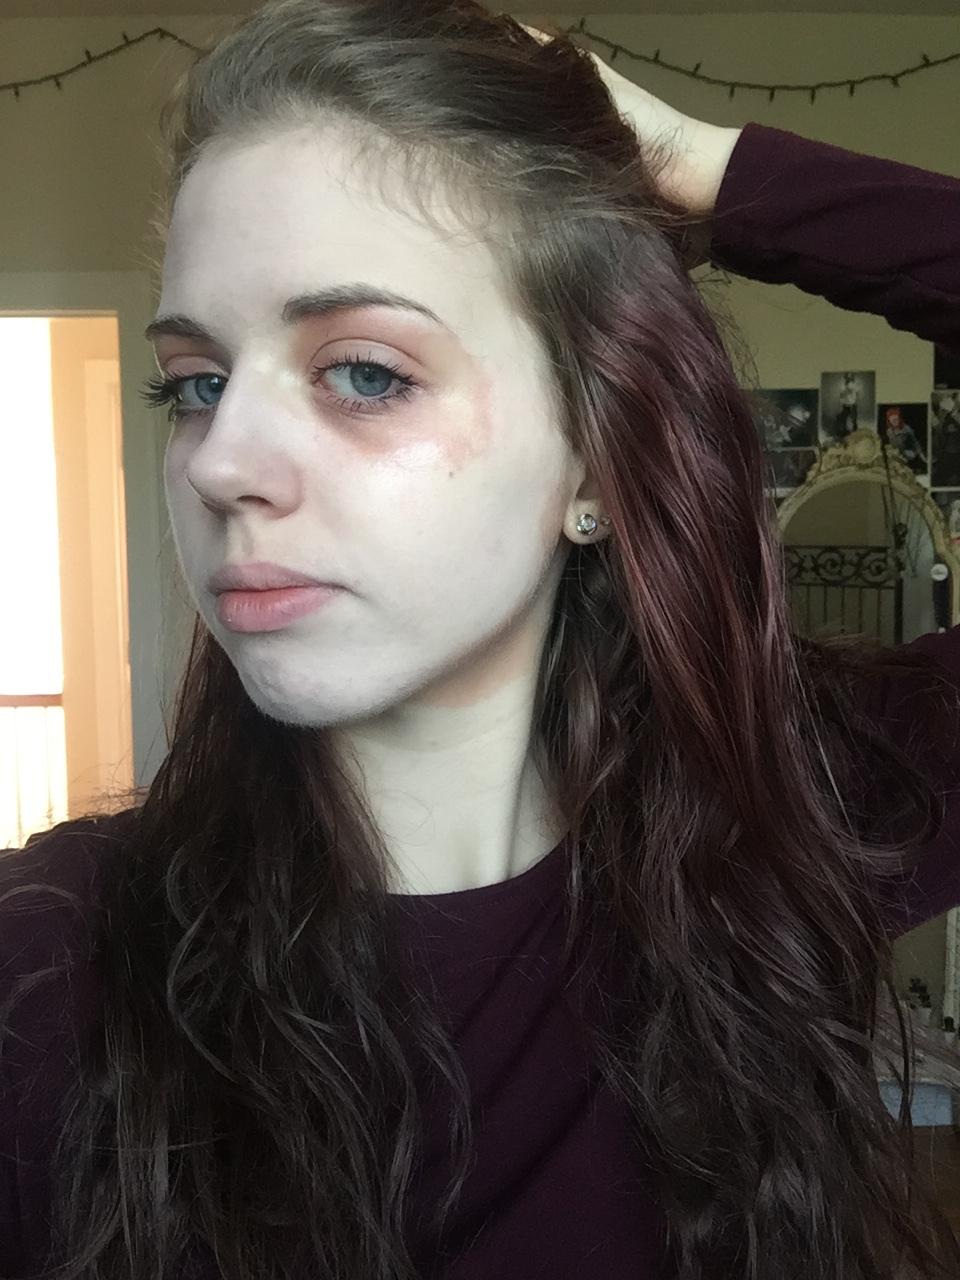 With Makeup Pt. 2